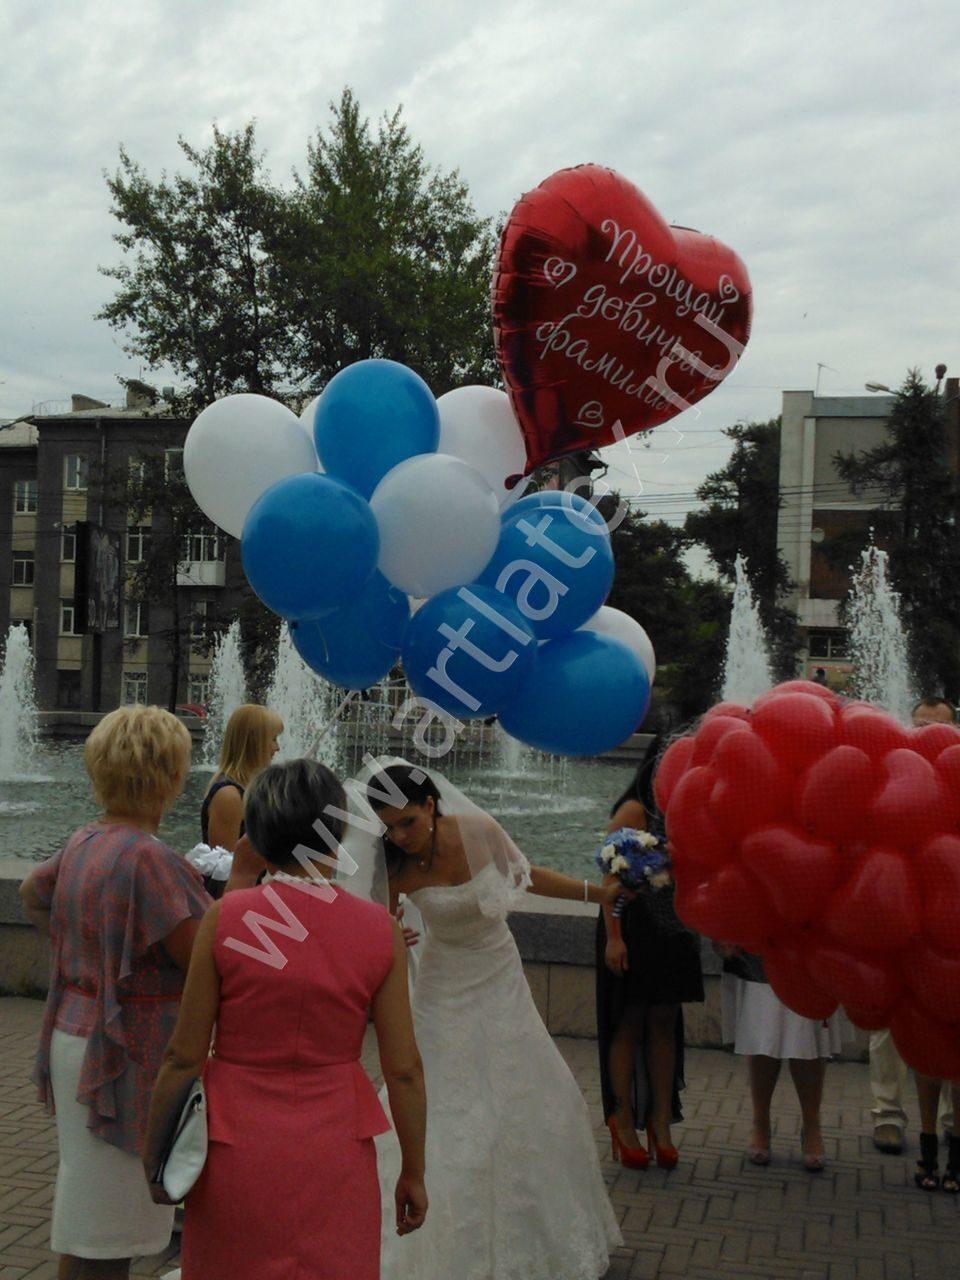 Свадьба на воздушном шаре - Полет на воздушном шаре Киев